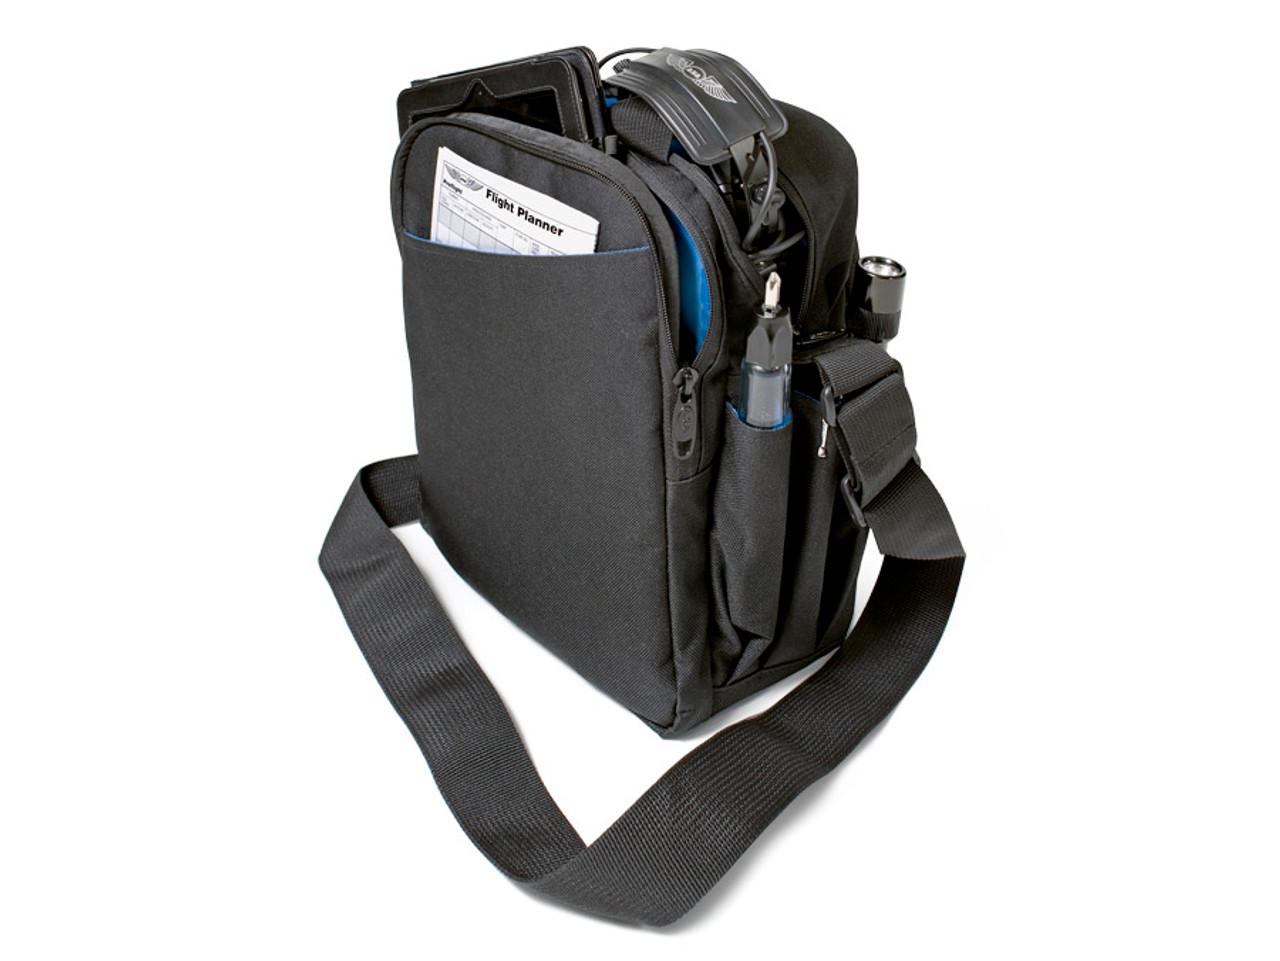 ASA Dispatch Bag